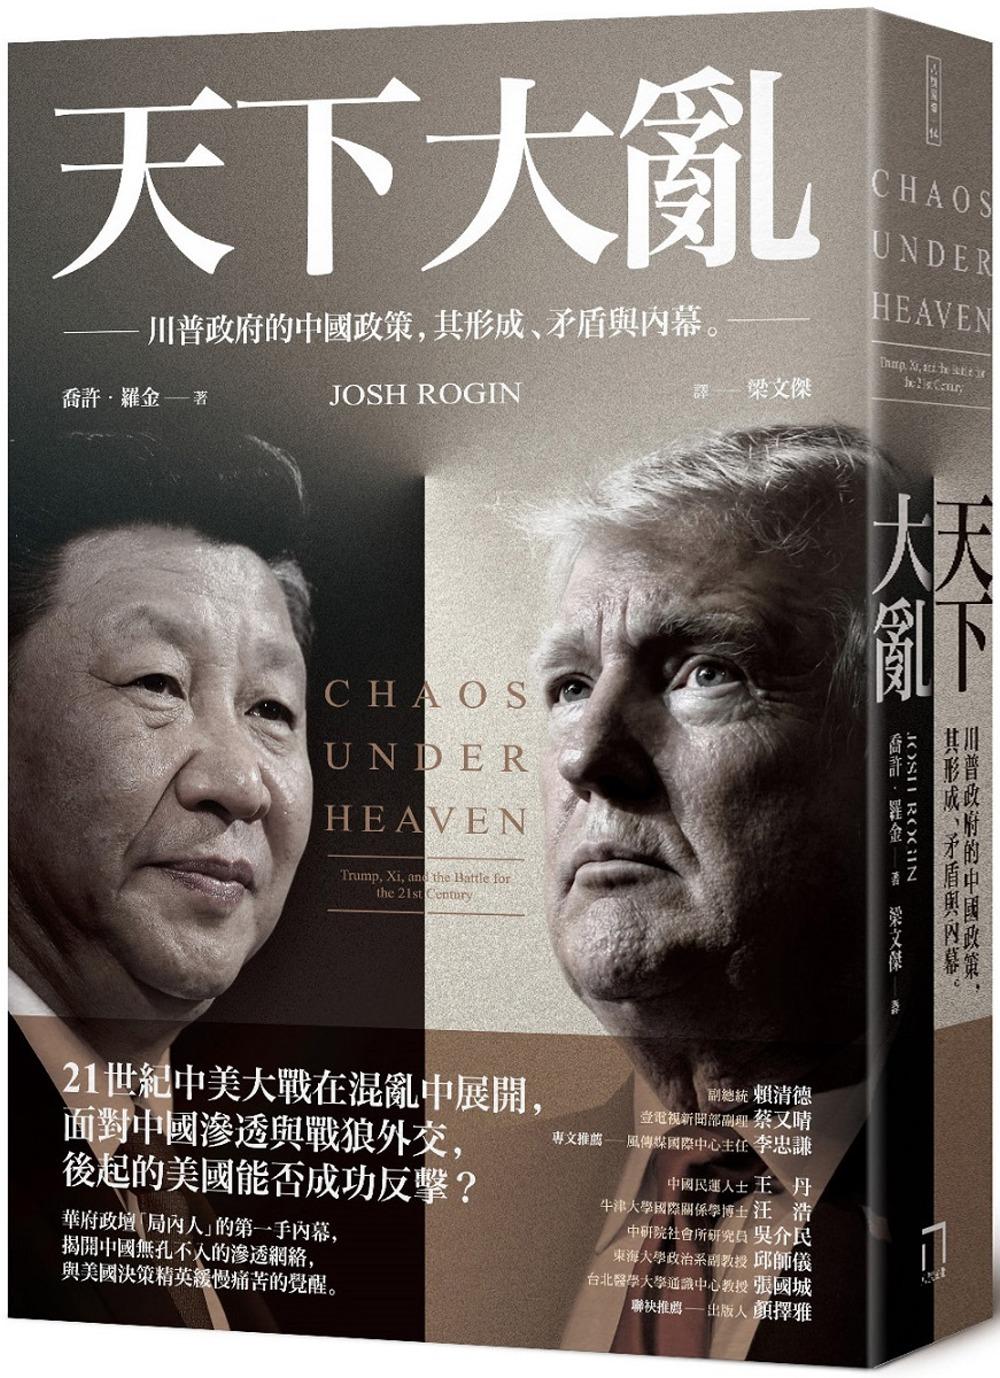 天下大亂:川普政府的中國政策,其形成、矛盾與內幕